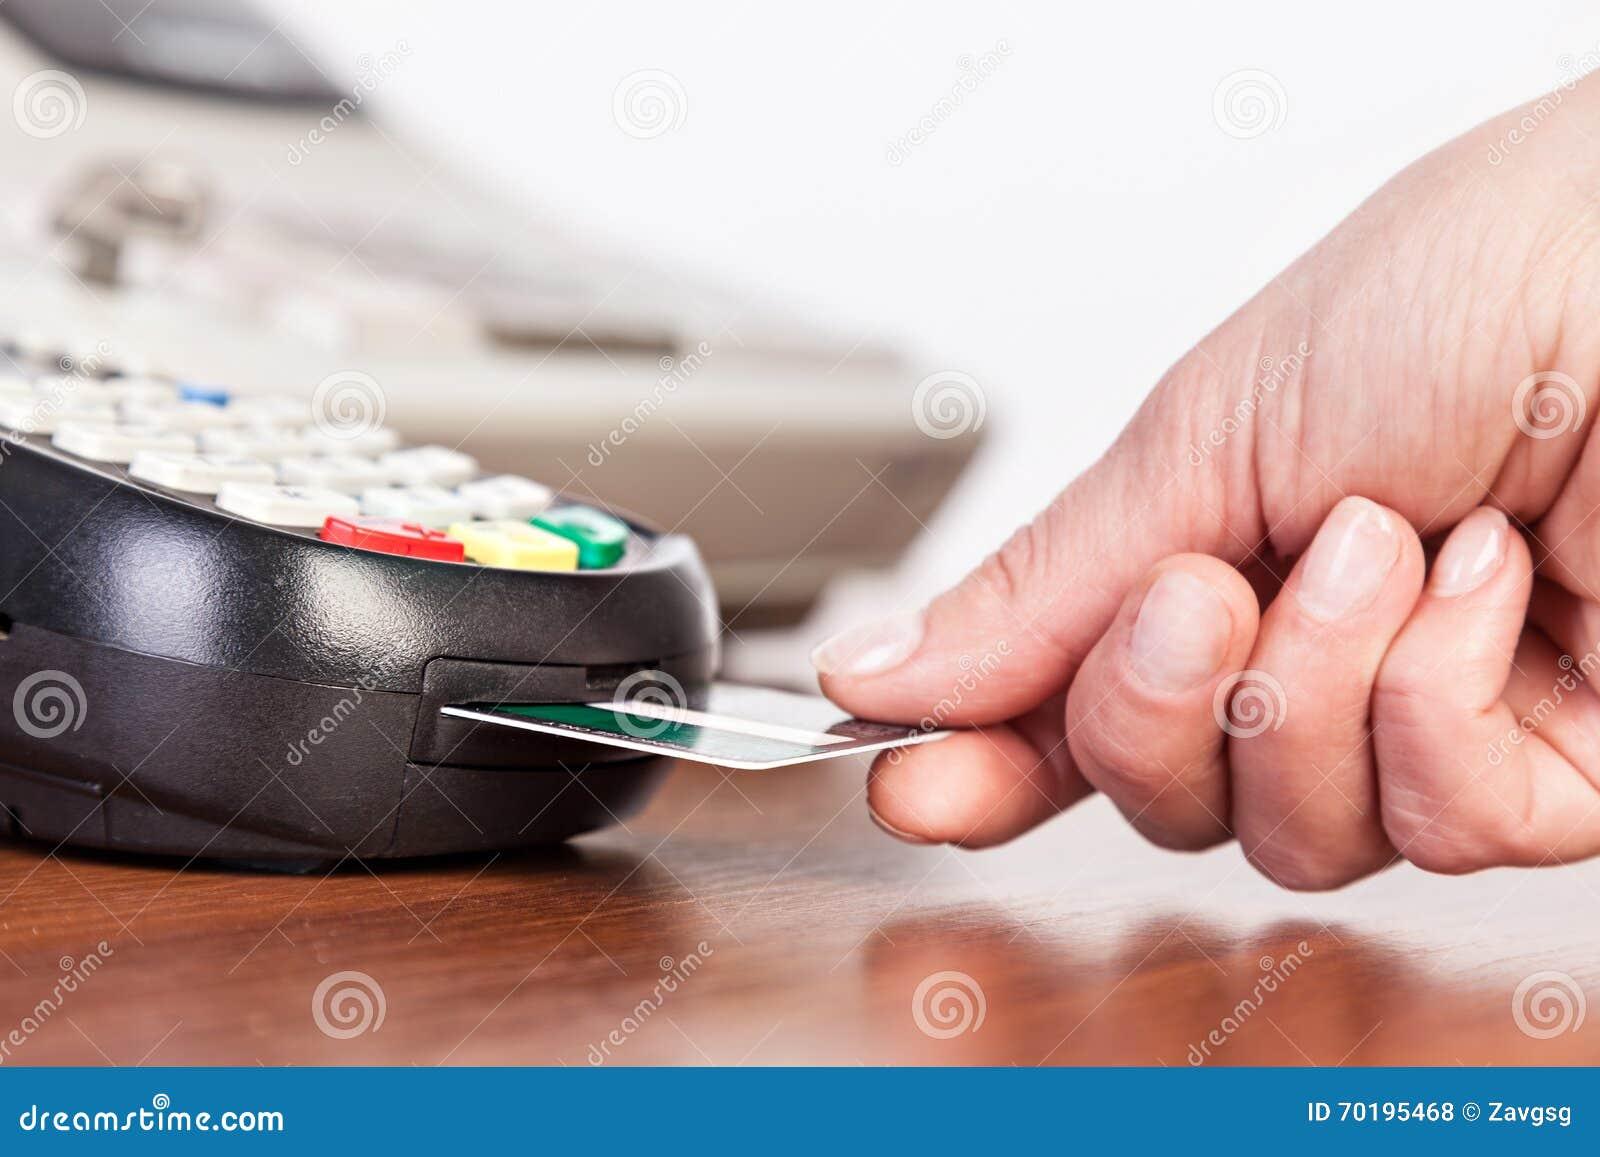 Räcka Pushkreditkorten in i en kreditkortmaskin